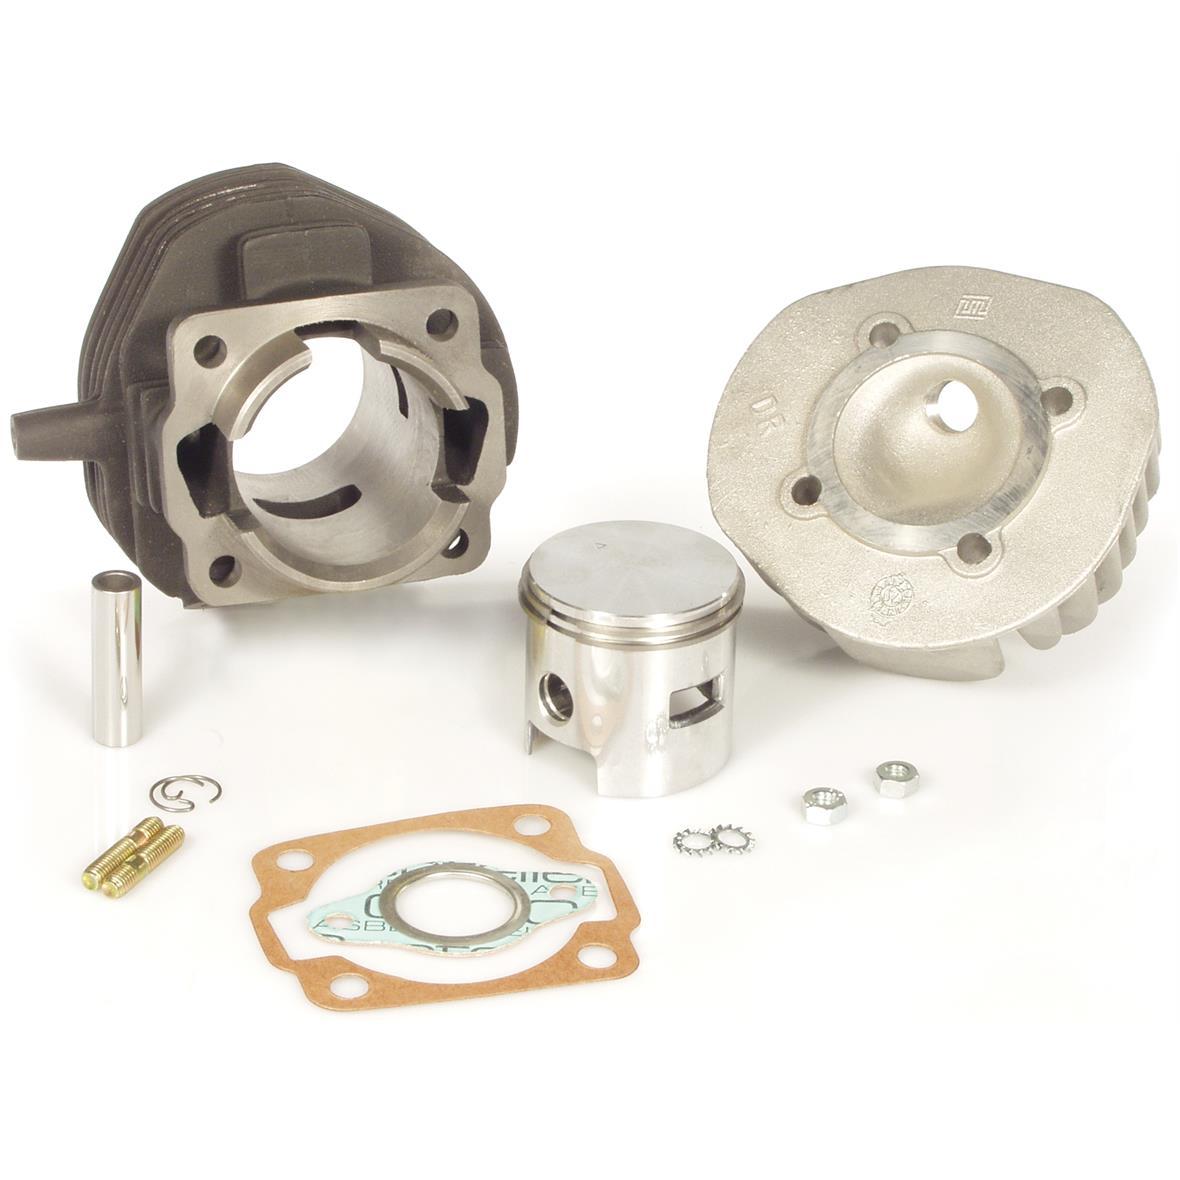 「レースシリンダー D.R. 85 cm³Title」の製品画像